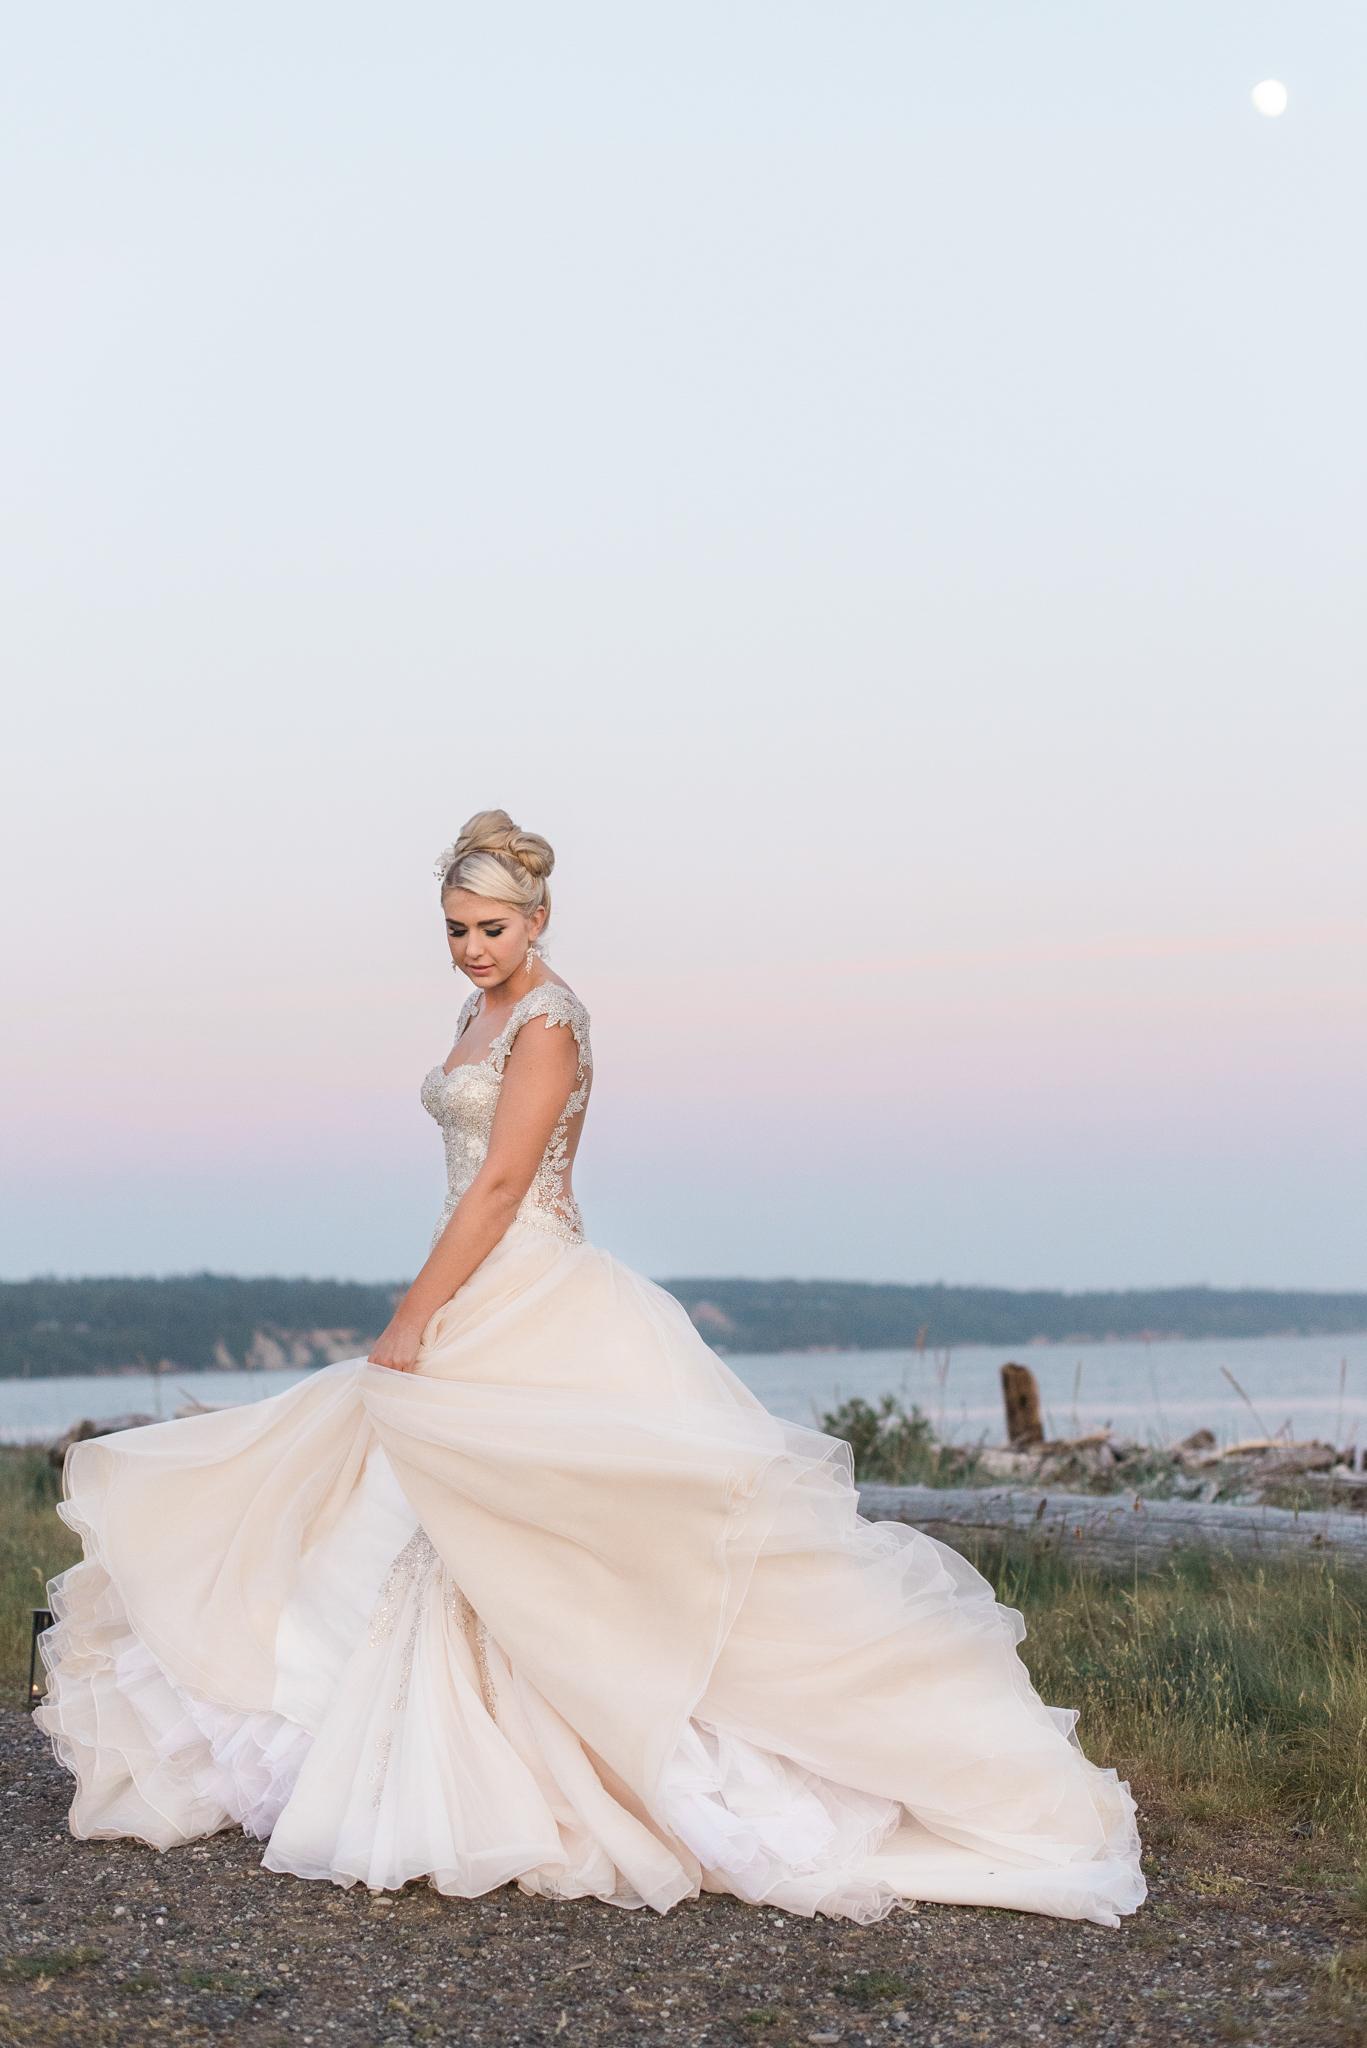 Ebey's Landing Beach Wedding. Whidbey Island Wedding Photographe